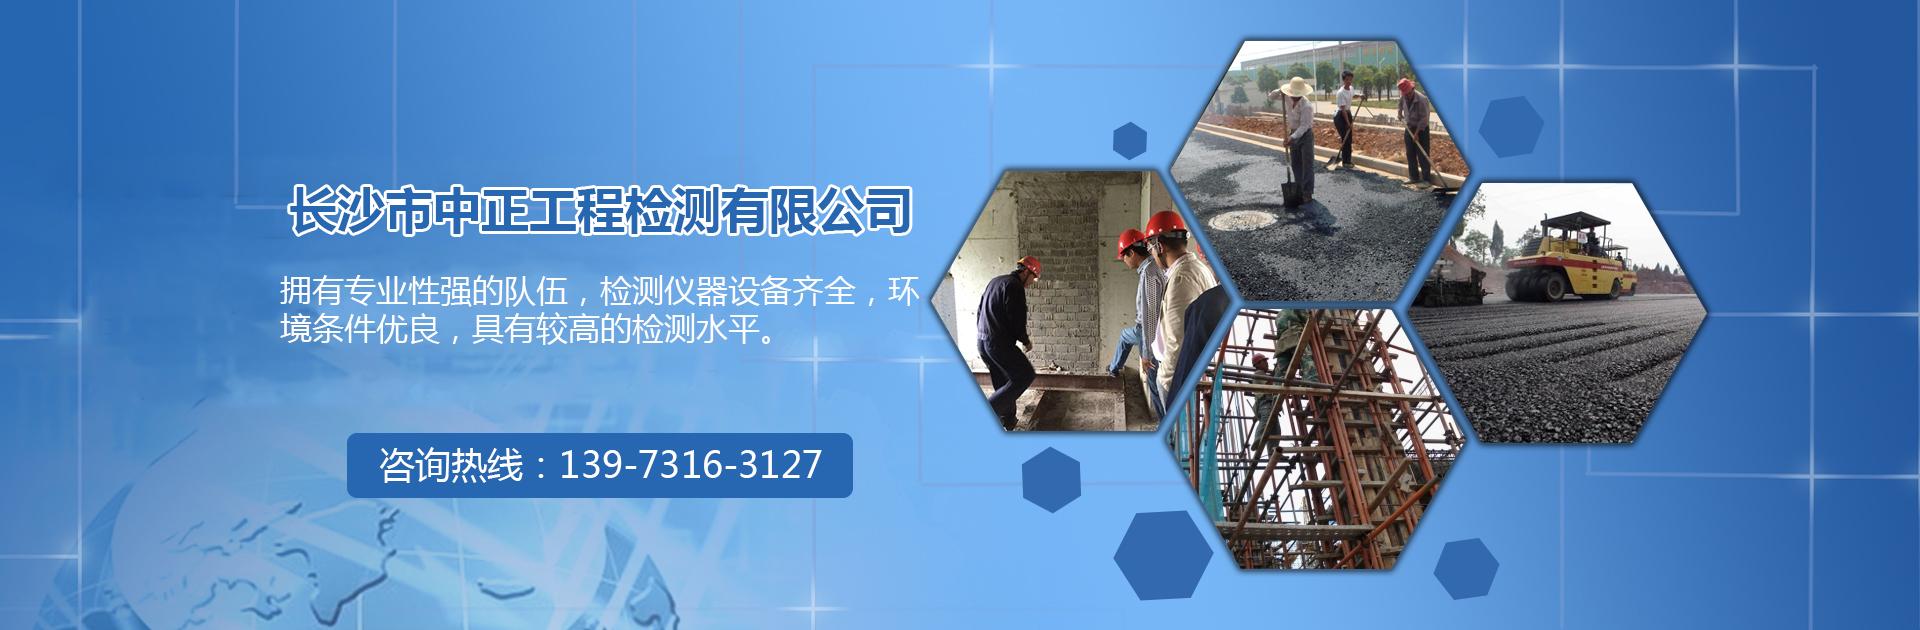 长沙市中正工程检测有限公司